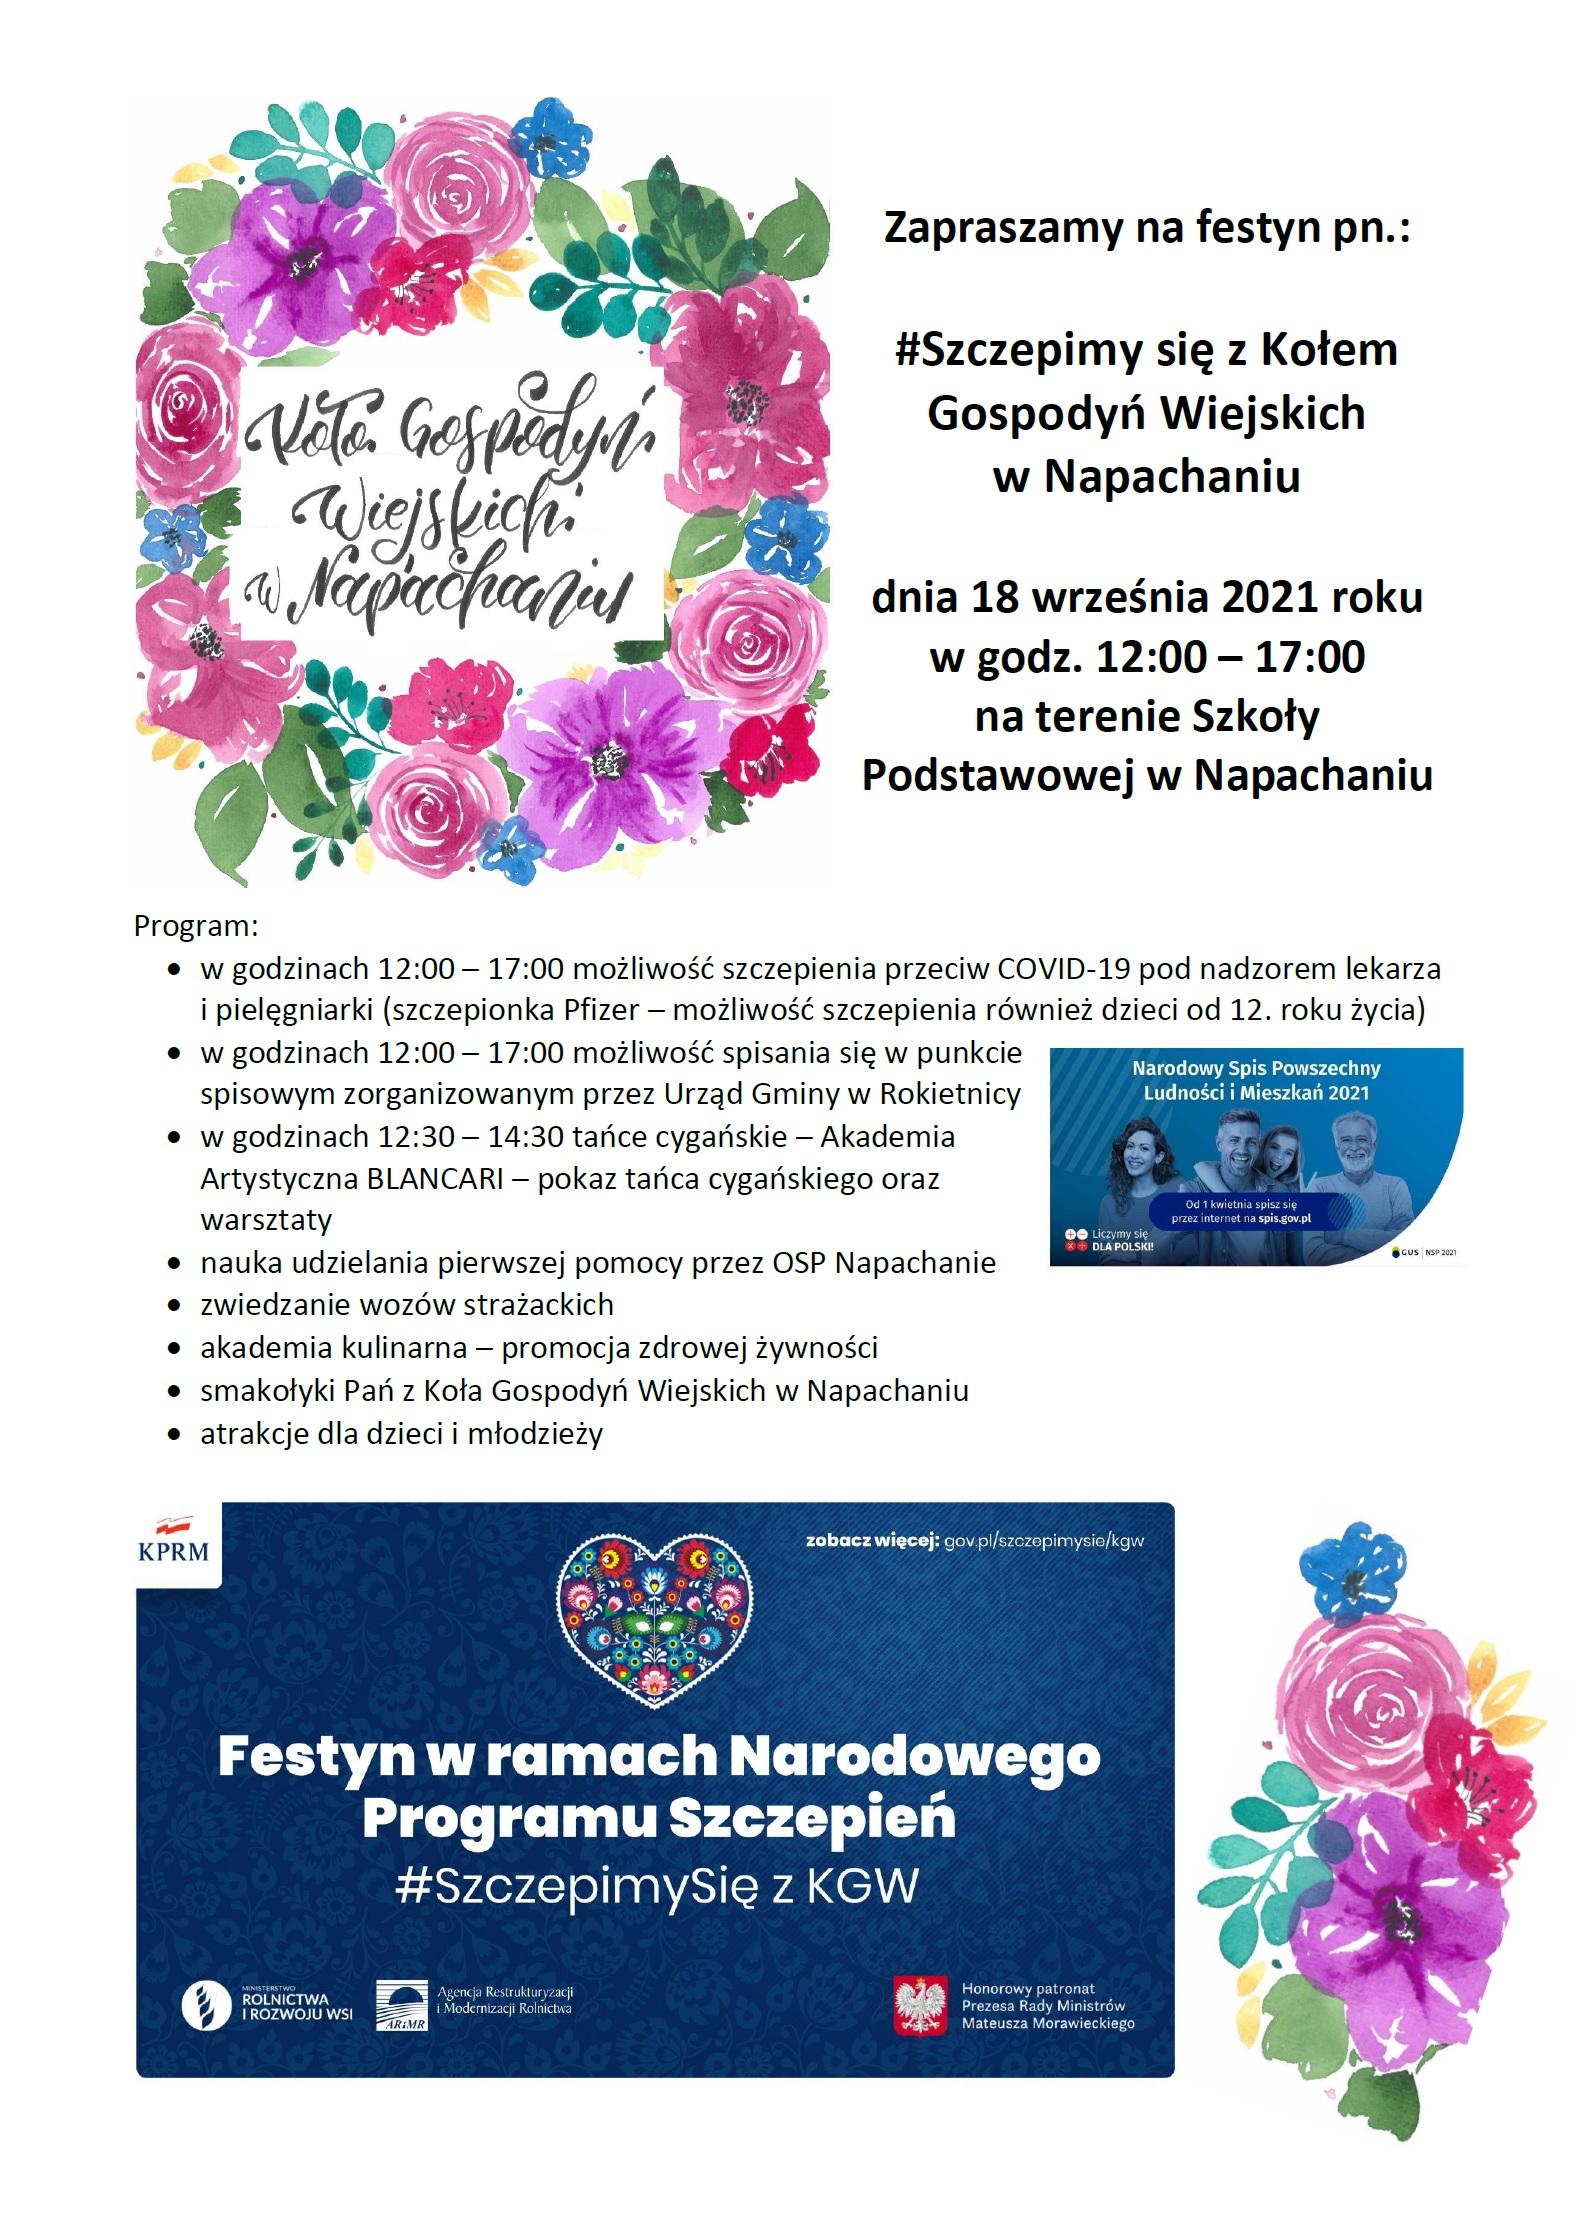 Na plakacie na białym tle napis Koło Gospodyń Wiejskich w Napachaniu otoczony kolorowymi - różowymi, fioletowymi i niebieskimi kwiatami z liśćmi i tekst: Zapraszamy na festyn pn.: #Szczepimy się z Kołem Gospodyń Wiejskich  w Napachaniu dnia 18 września 2021 roku w godz. 12:00 – 17:00 na terenie Szkoły Podstawowej w Napachaniu Program:  • w godzinach 12:00 – 17:00 możliwość szczepienia przeciw COVID-19 pod nadzorem lekarza i pielęgniarki (szczepionka Pfizer – możliwość szczepienia również dzieci od 12. roku życia) • w godzinach 12:00 – 17:00 możliwość spisania się w punkcie spisowym zorganizowanym przez Urząd Gminy w Rokietnicy (obok baner Narodowy Spis Powszechny Ludności i Mieszkań 2021) • w godzinach 12:30 – 14:30 tańce cygańskie – Akademia Artystyczna BLANCARI – pokaz tańca cygańskiego oraz warsztaty • nauka udzielania pierwszej pomocy przez OSP Napachanie • zwiedzanie wozów strażackich • akademia kulinarna – promocja zdrowej żywności • smakołyki Pań z Koła Gospodyń Wiejskich w Napachaniu  • atrakcje dla dzieci i młodzieży  baner Festyn w raamch Narodowego Programu Szczepień #SzczepimySię z KGW obok kolorowe kwiaty